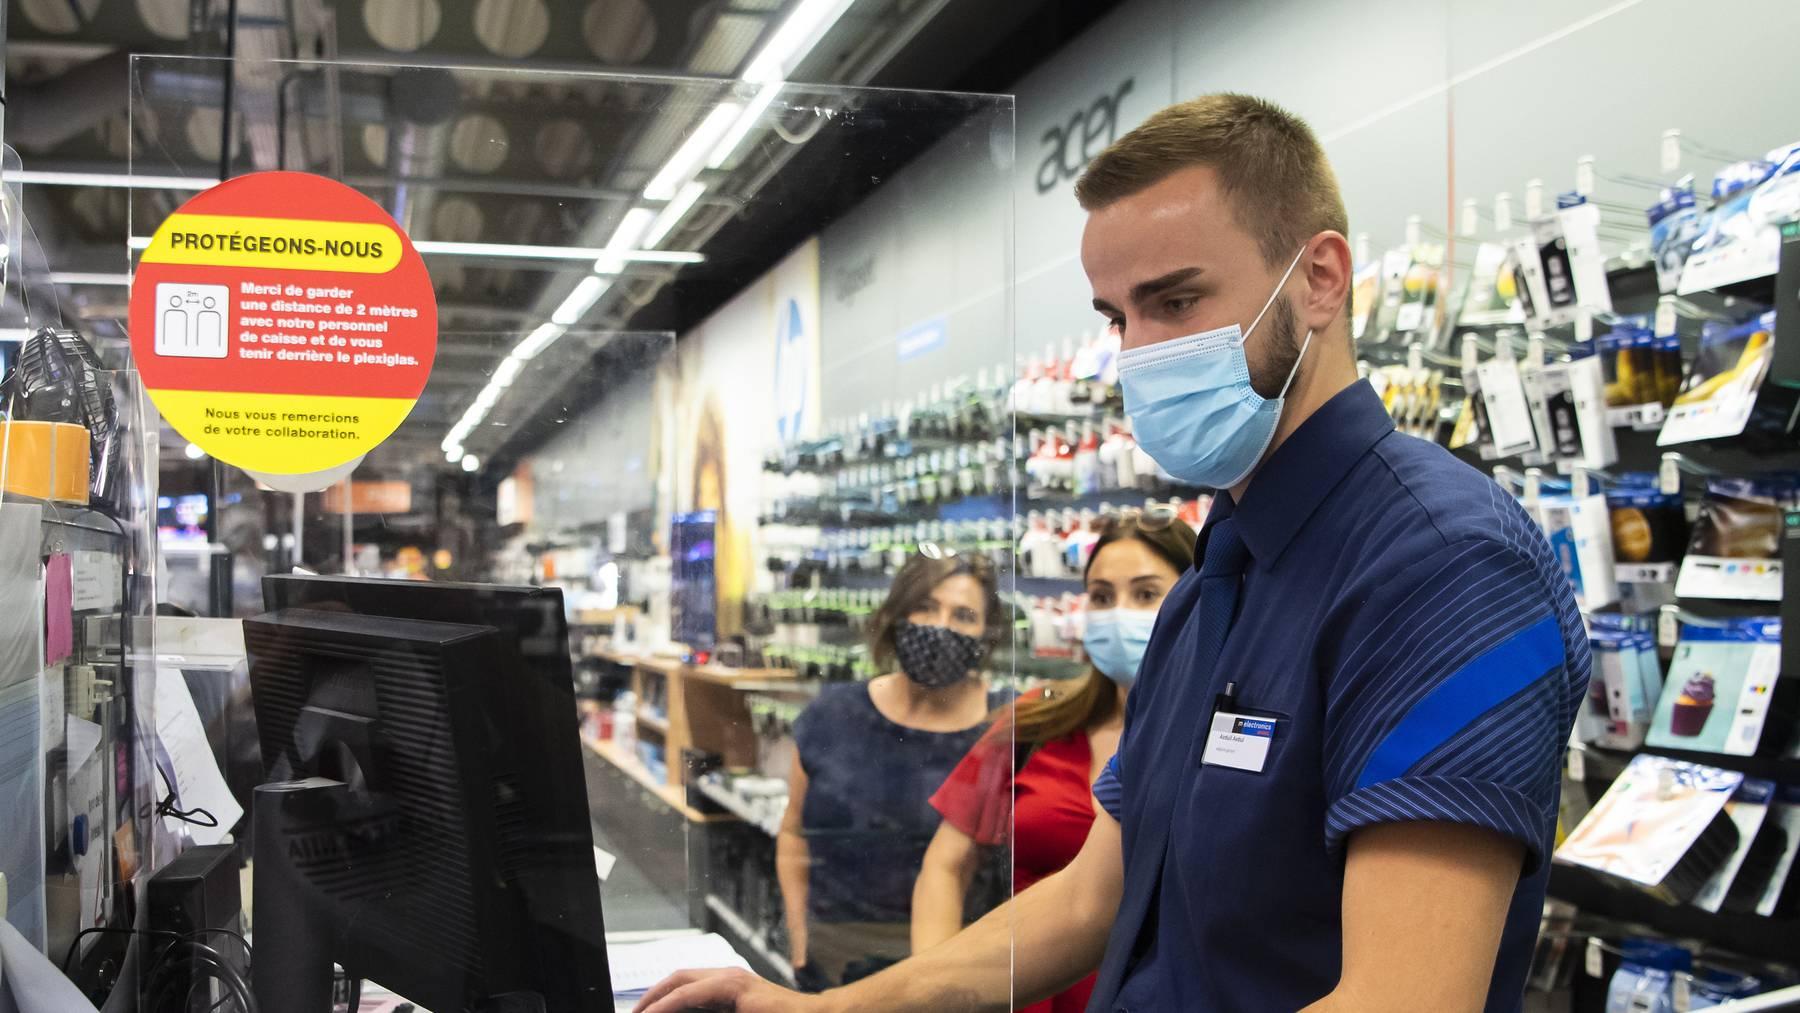 Ab dem kommenden Wochenende gilt im Kanton Zug eine Maskenpflicht beim Einkaufen.